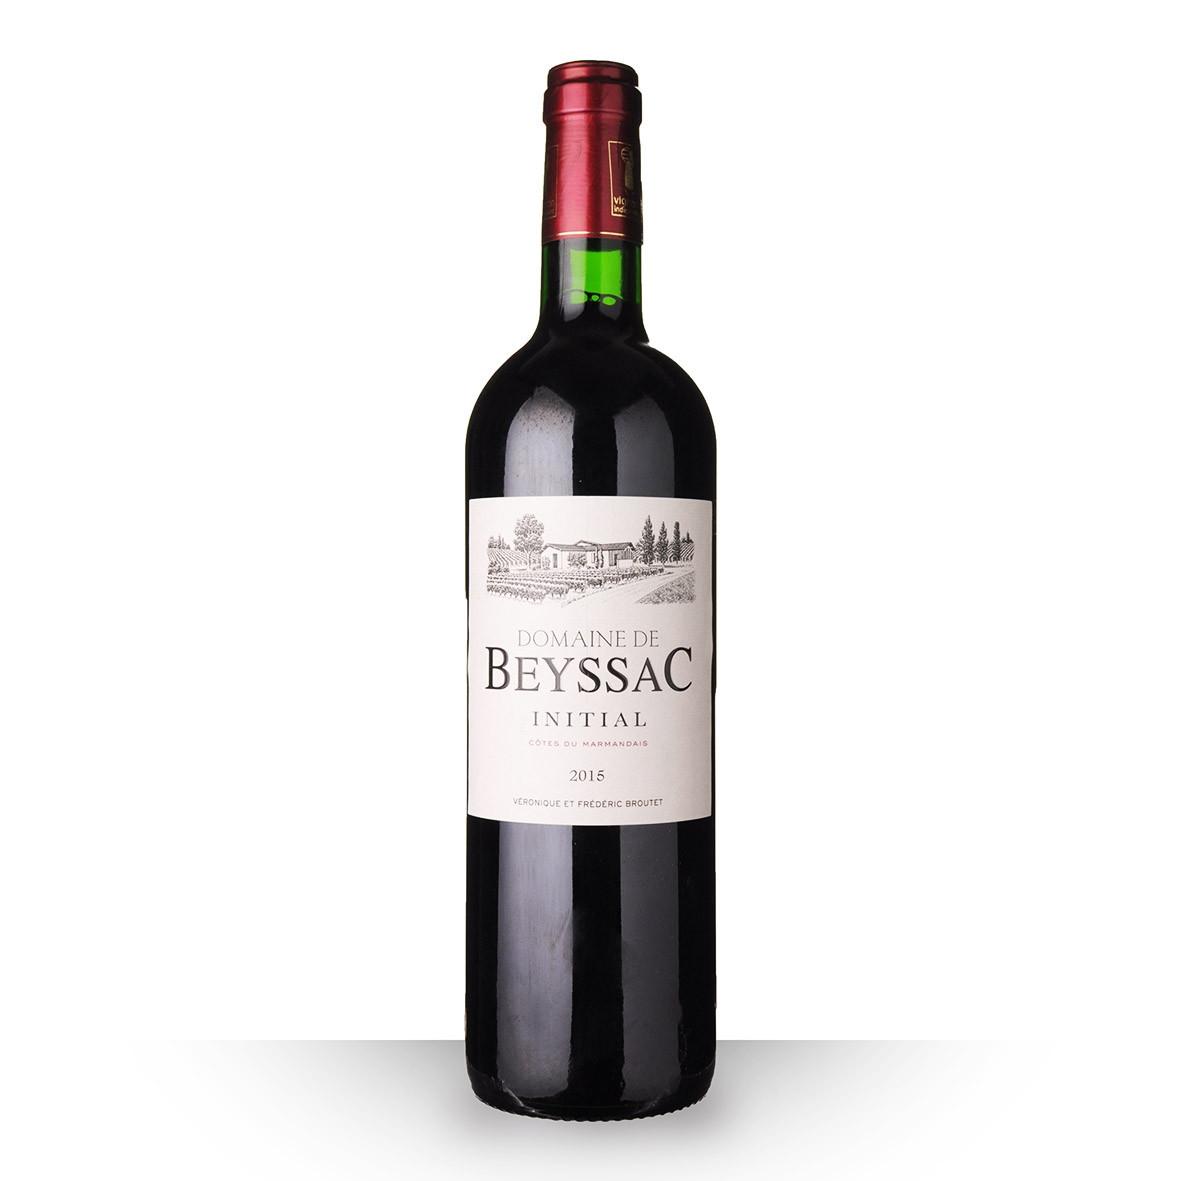 Domaine de Beyssac Initial Côtes du Marmandais Rouge 2015 75cl www.odyssee-vins.com